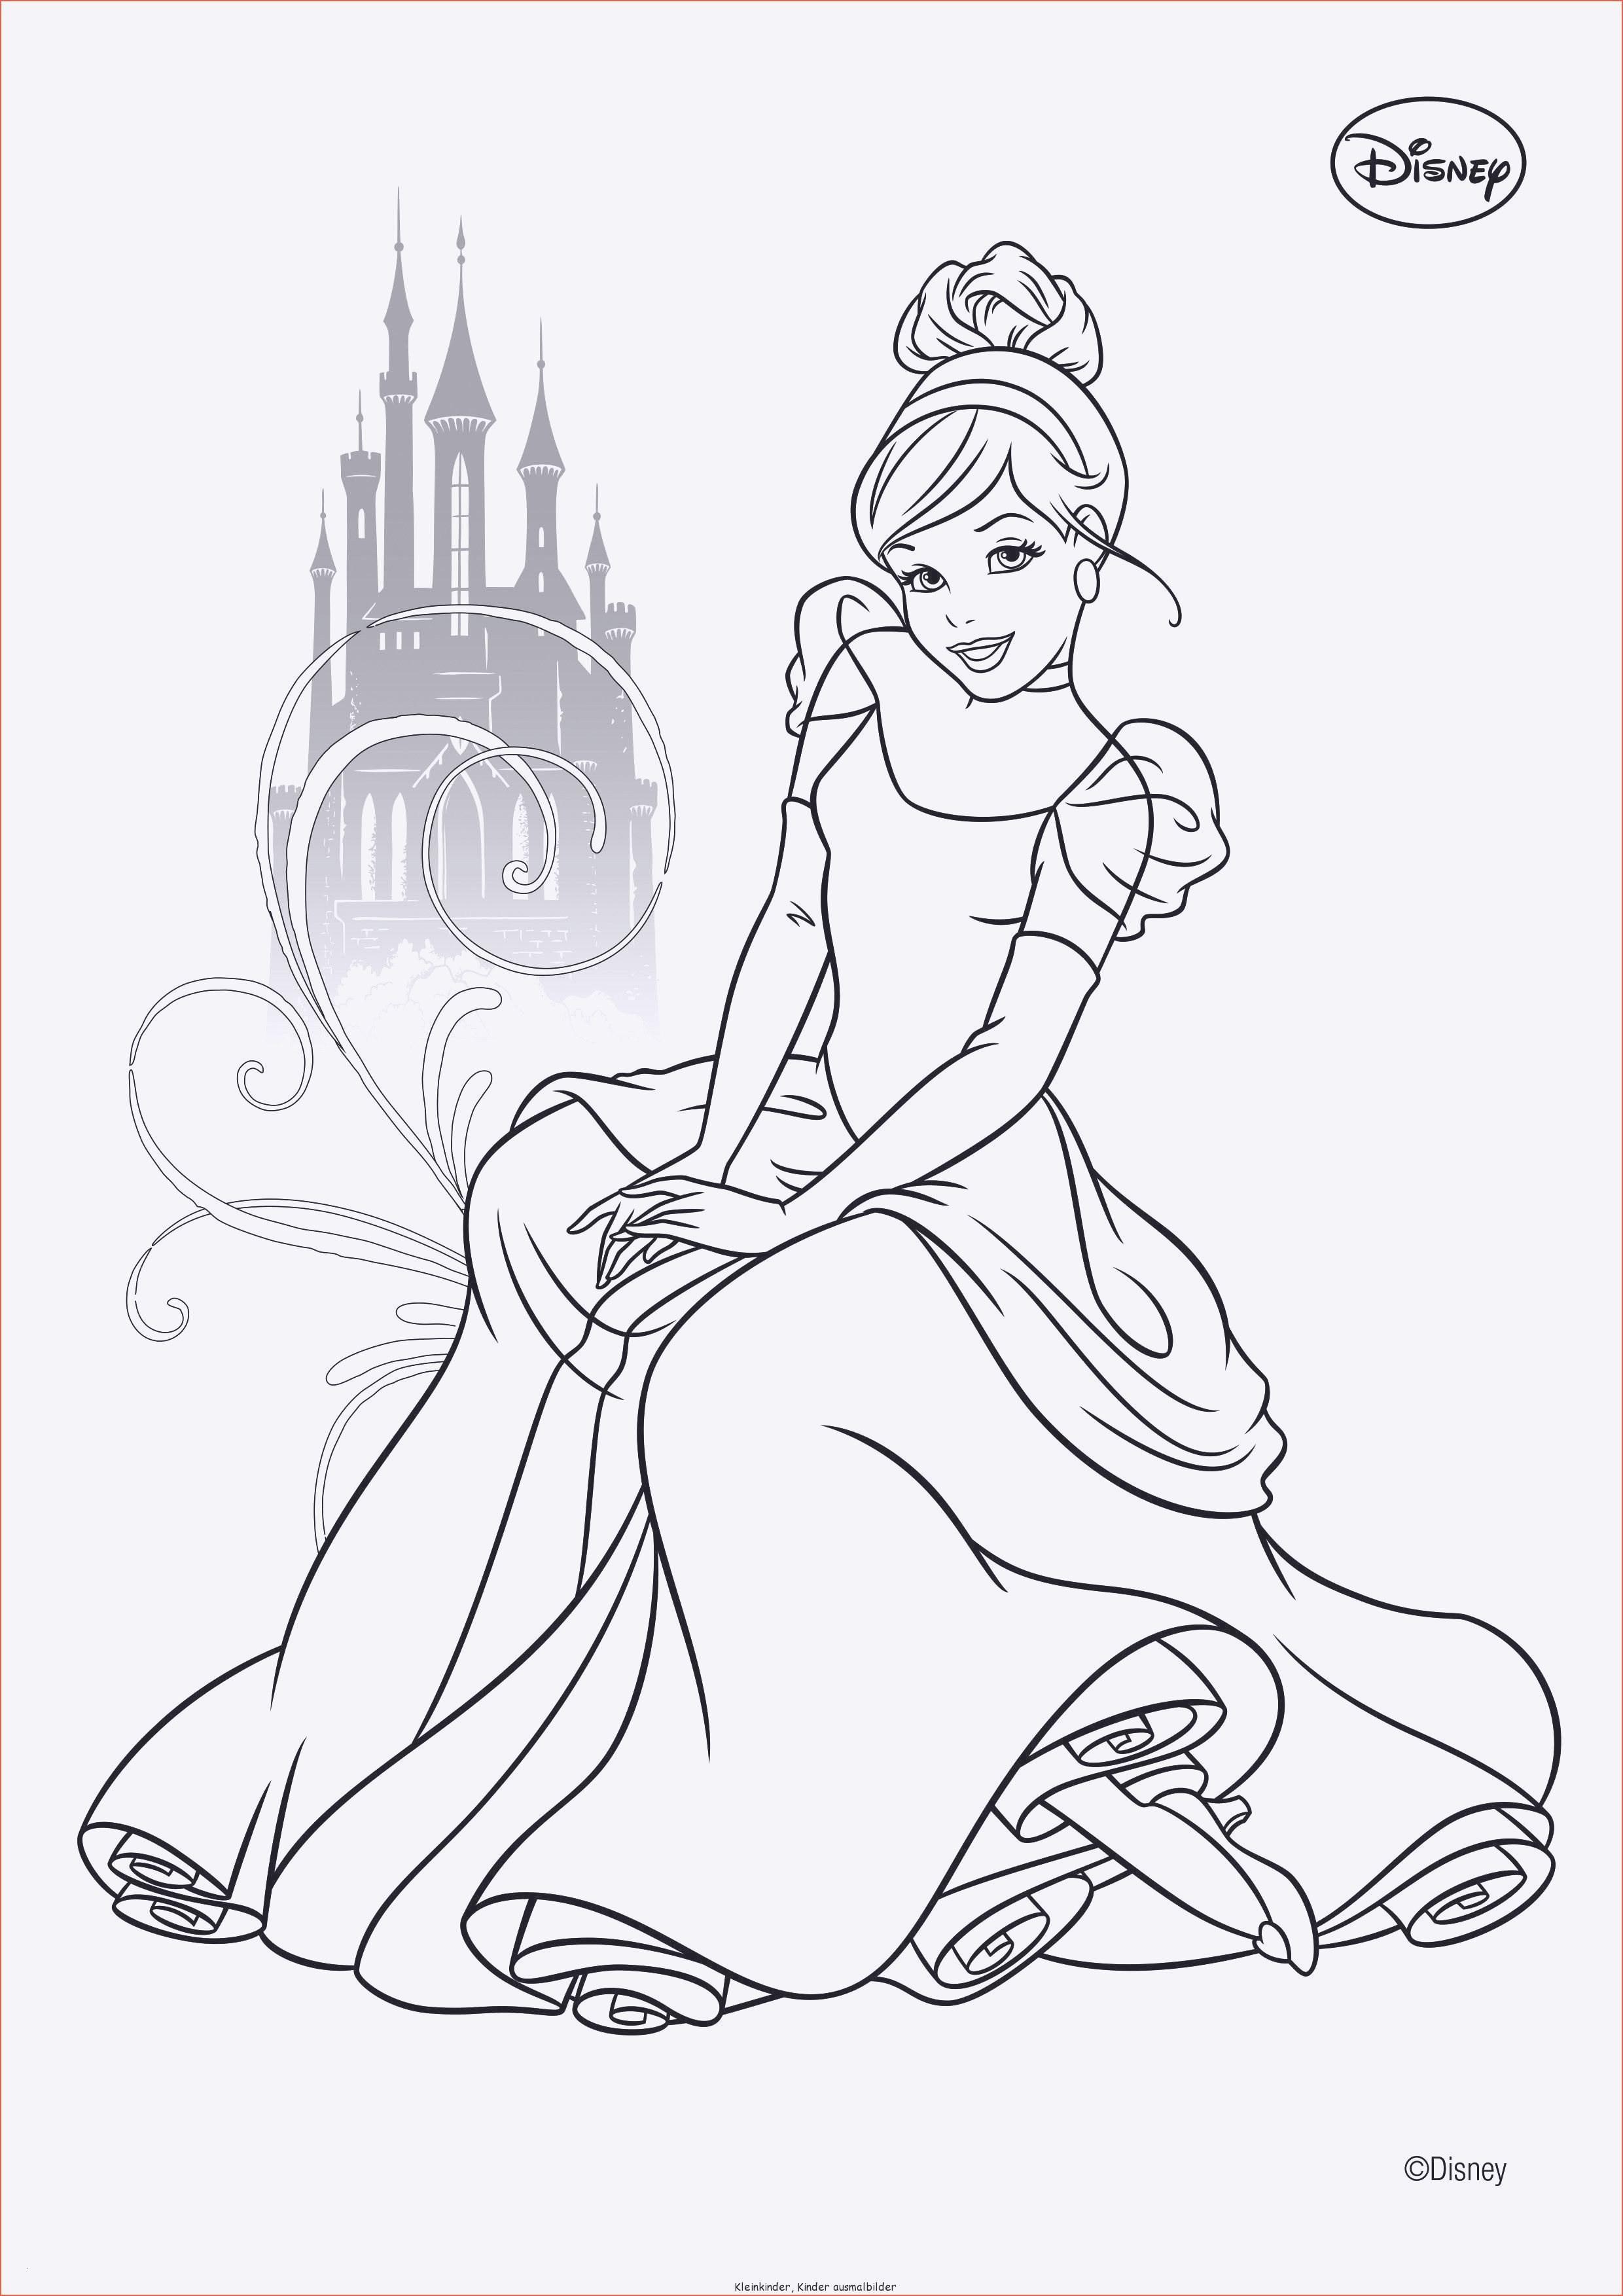 Ausmalbilder Disney Prinzessin Neu Ausmalbilder Prinzessin Kostenlos Schön Bayern Ausmalbilder Schön Fotografieren